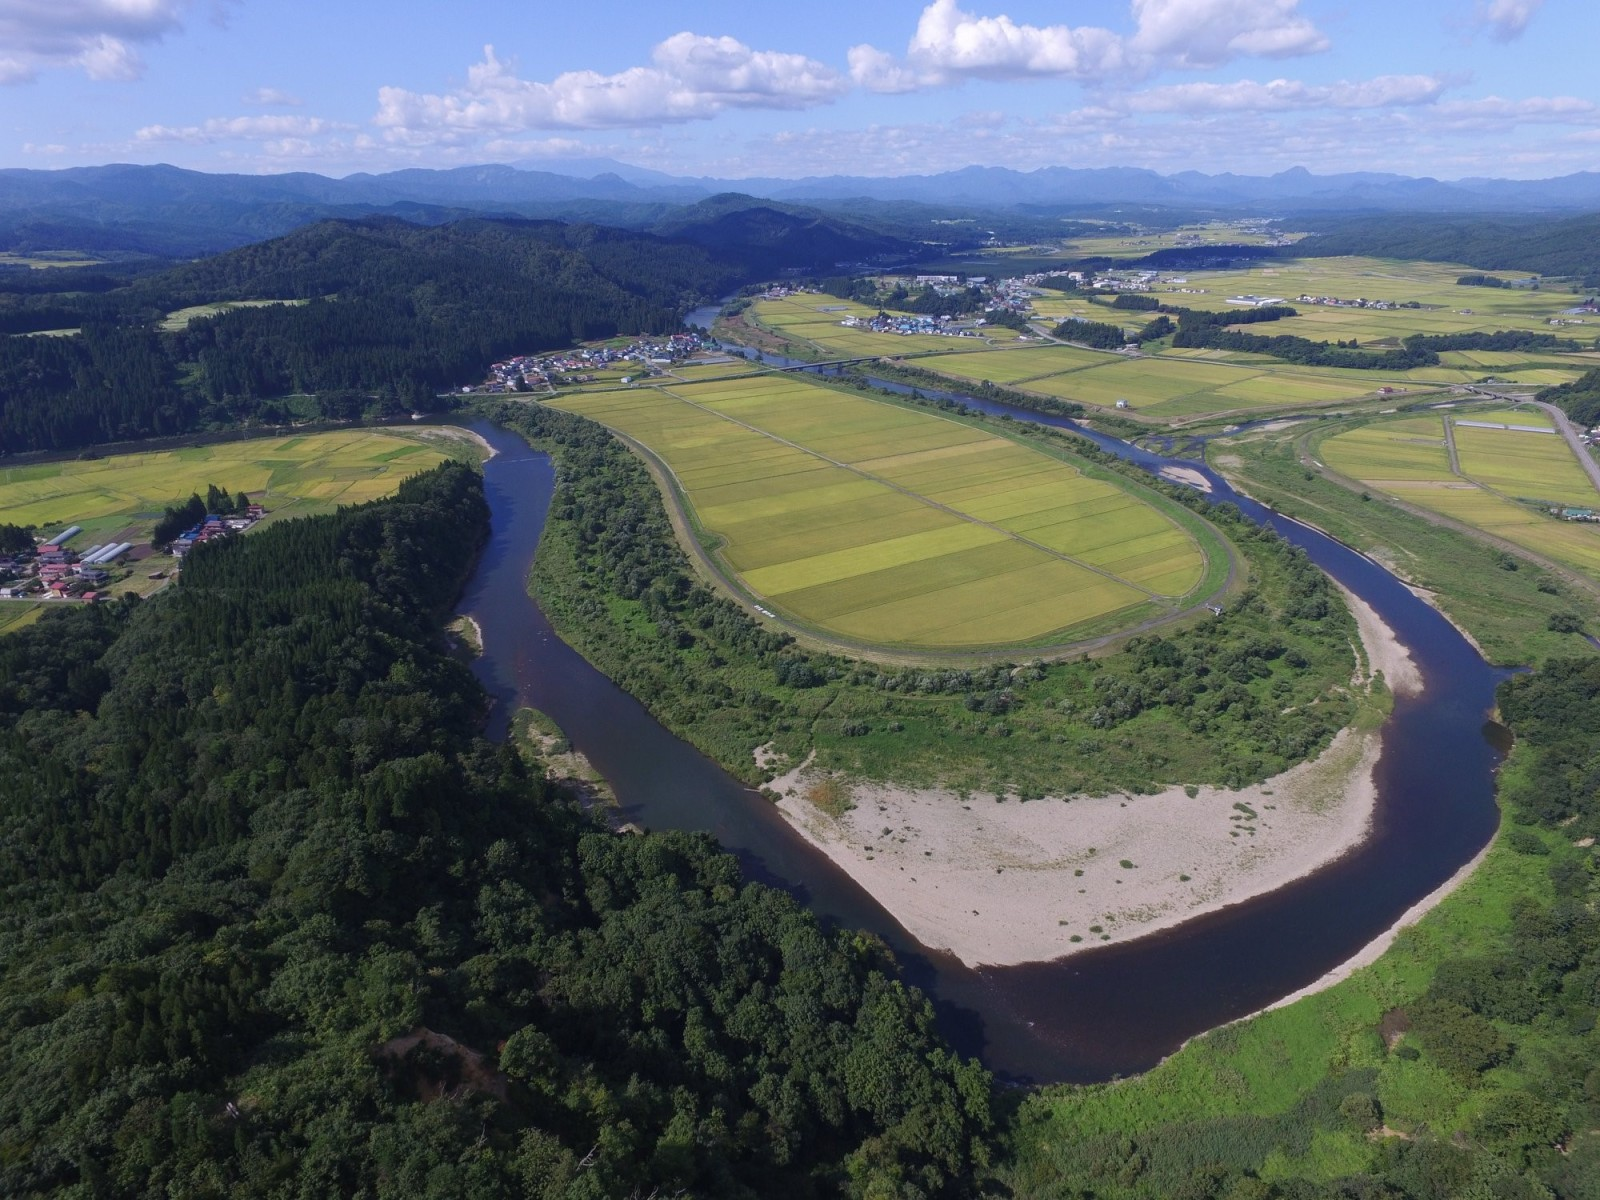 鮭川村のシンボルでもある一級河川「鮭川」の風景